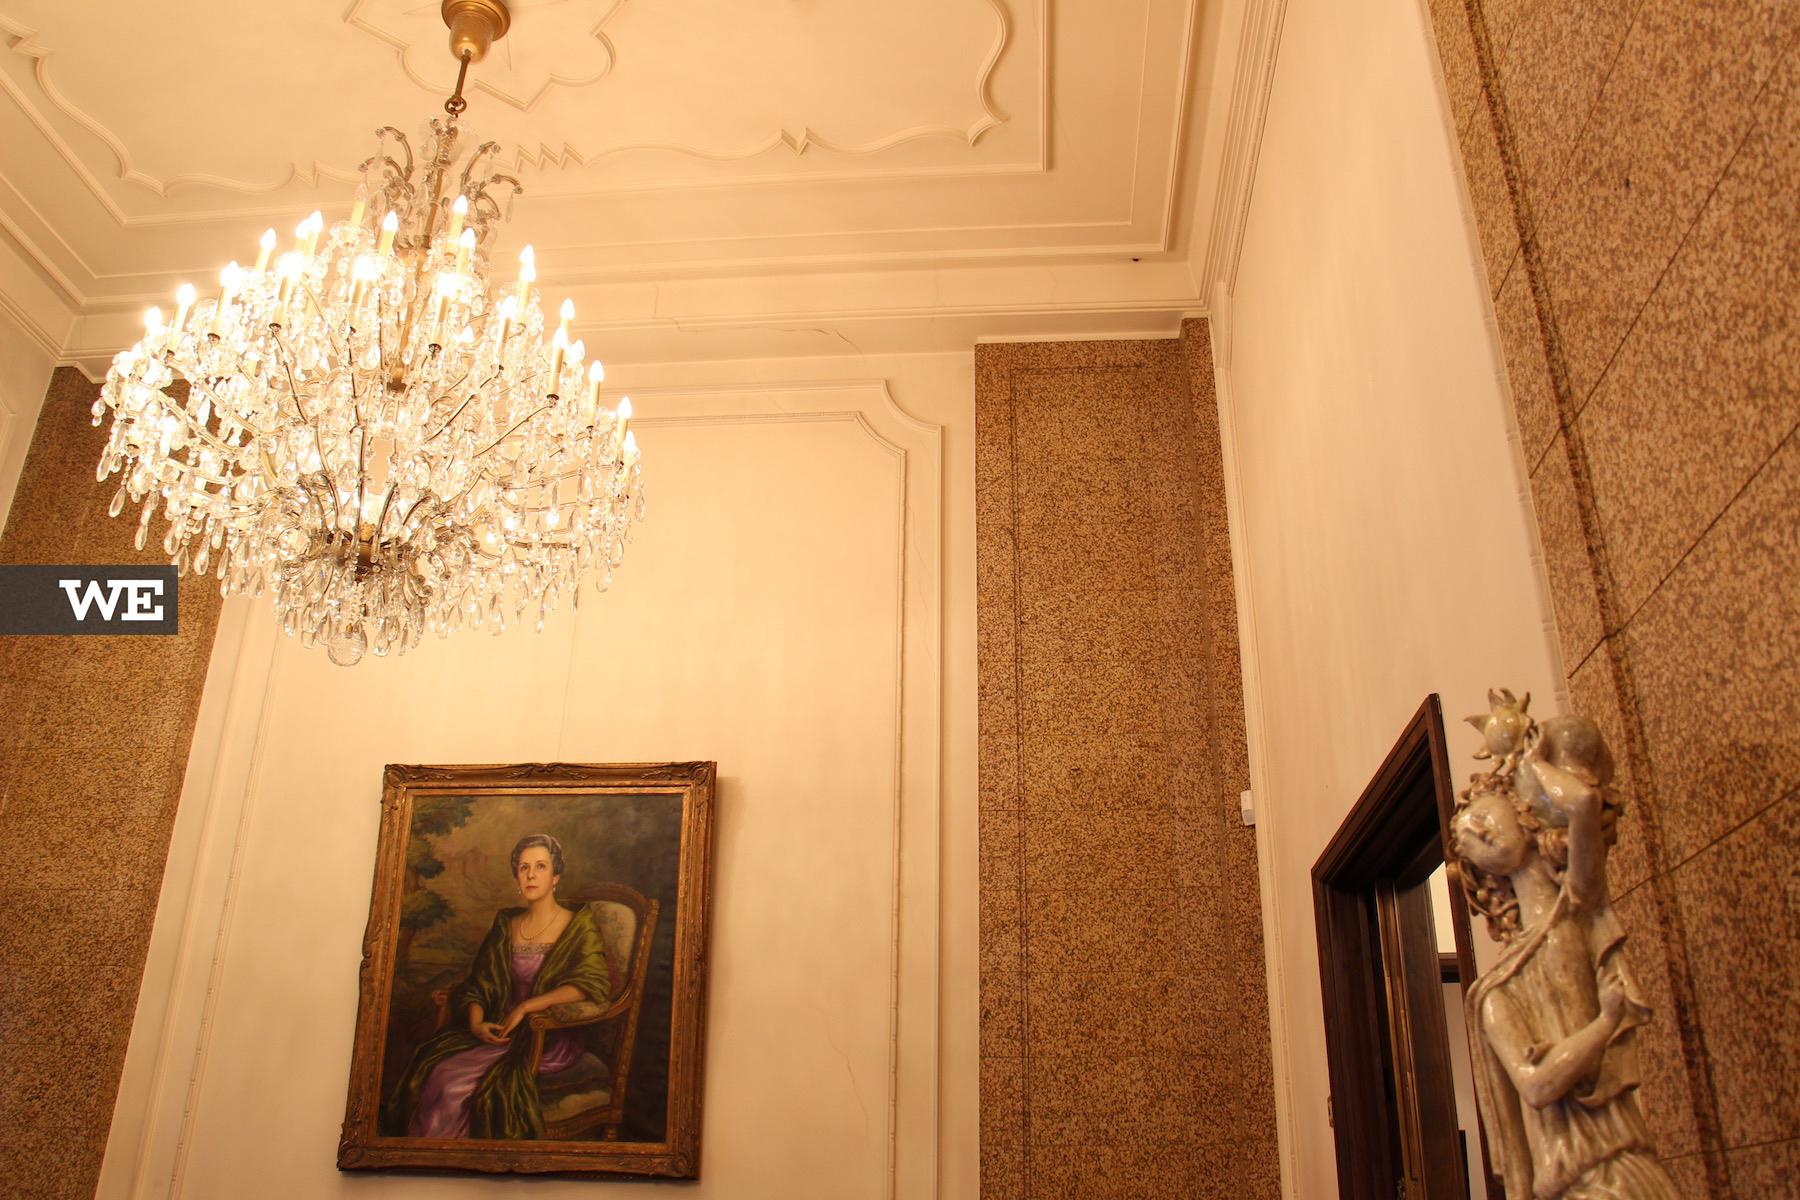 we-braga-museu-nogueira-noite-branca